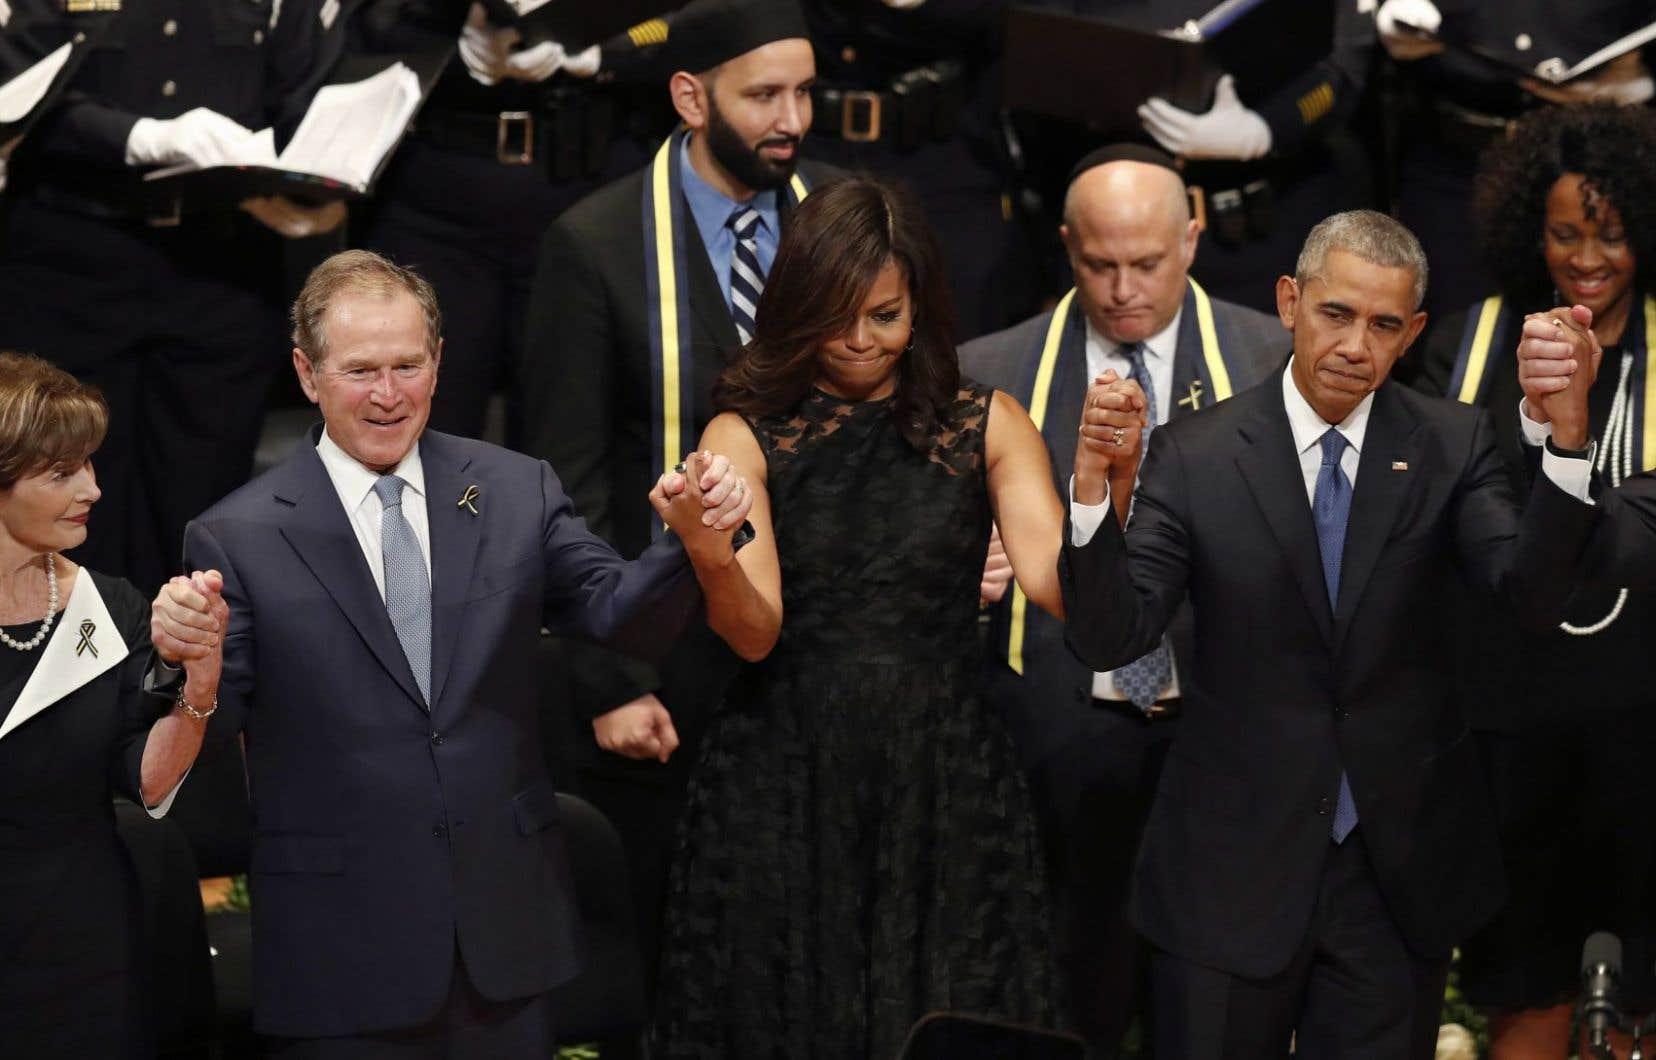 Depuis la gauche: l'ex-première dame Laura Bush et l'ancien président George W. Bush, aux côtés de la première dame, Michelle Obama, et du président, Barack Obama, à Dallas lors de la cérémonie en hommage aux policiers tués.